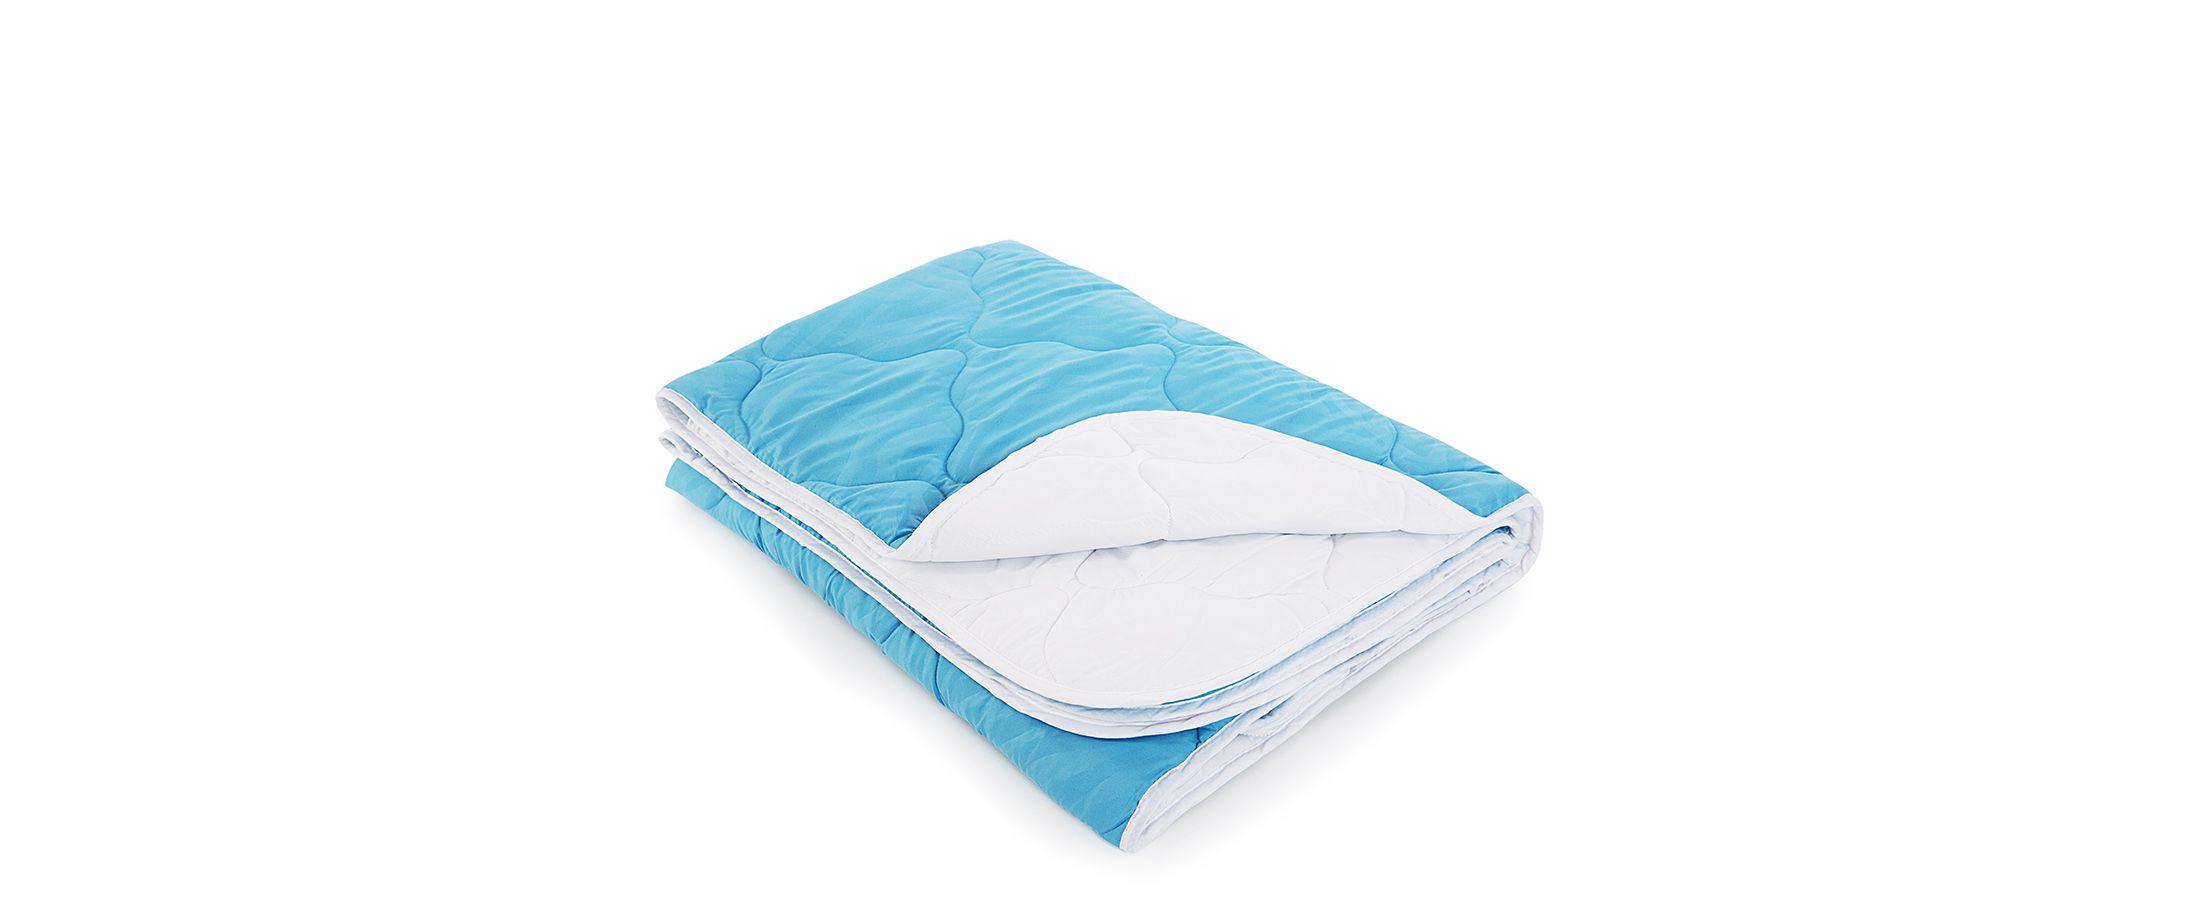 Одеяло «Для тебя» 172х205 голубого цвета Модель 4004Одеяло «Для тебя» 172х205 голубого цвета Модель 4004. Артикул К000734